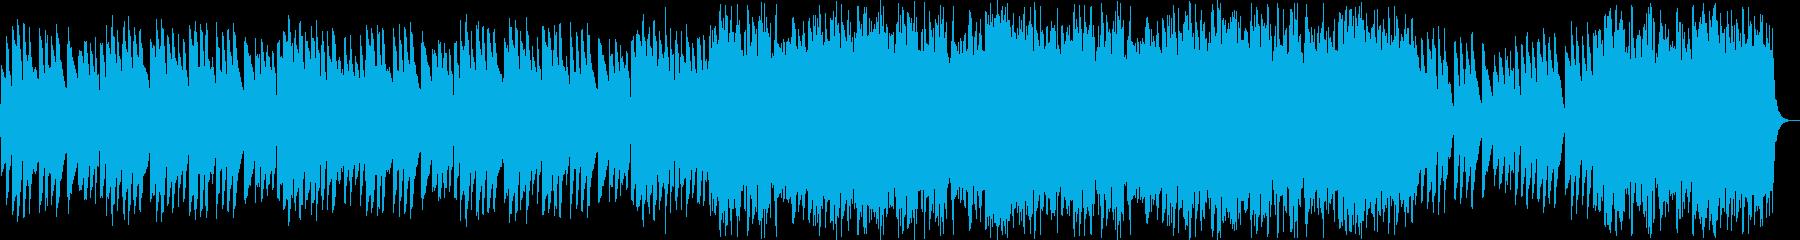 不安感のシンセサイザーサウンドの再生済みの波形